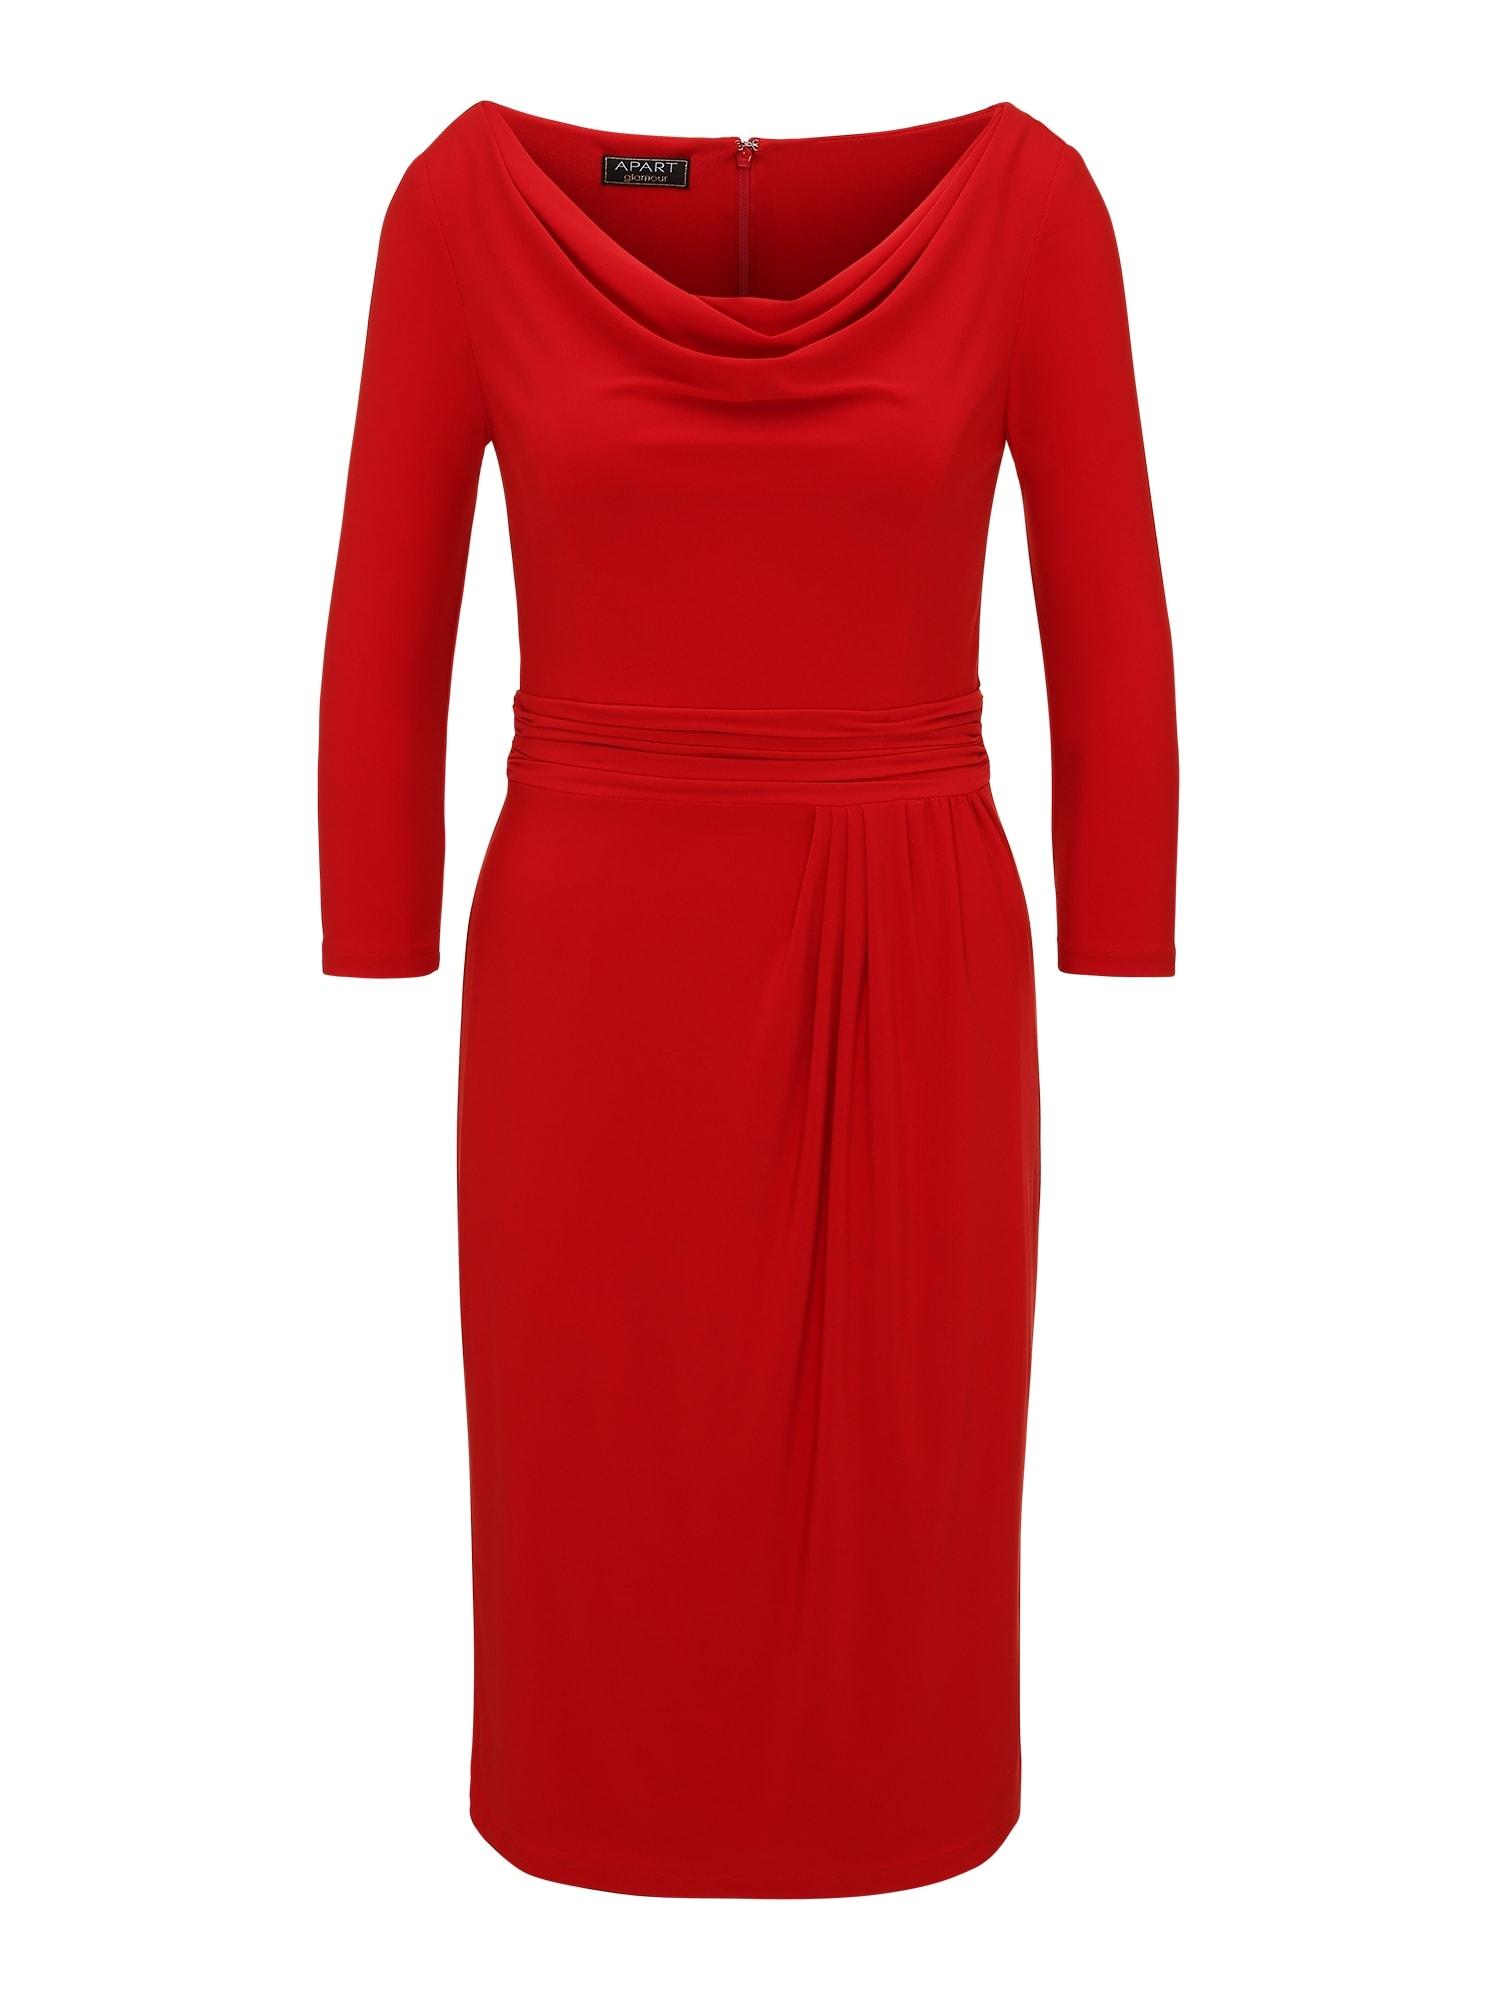 Jerseykleid mit Wasserfallkragen | Bekleidung > Kleider > Jerseykleider | Apart